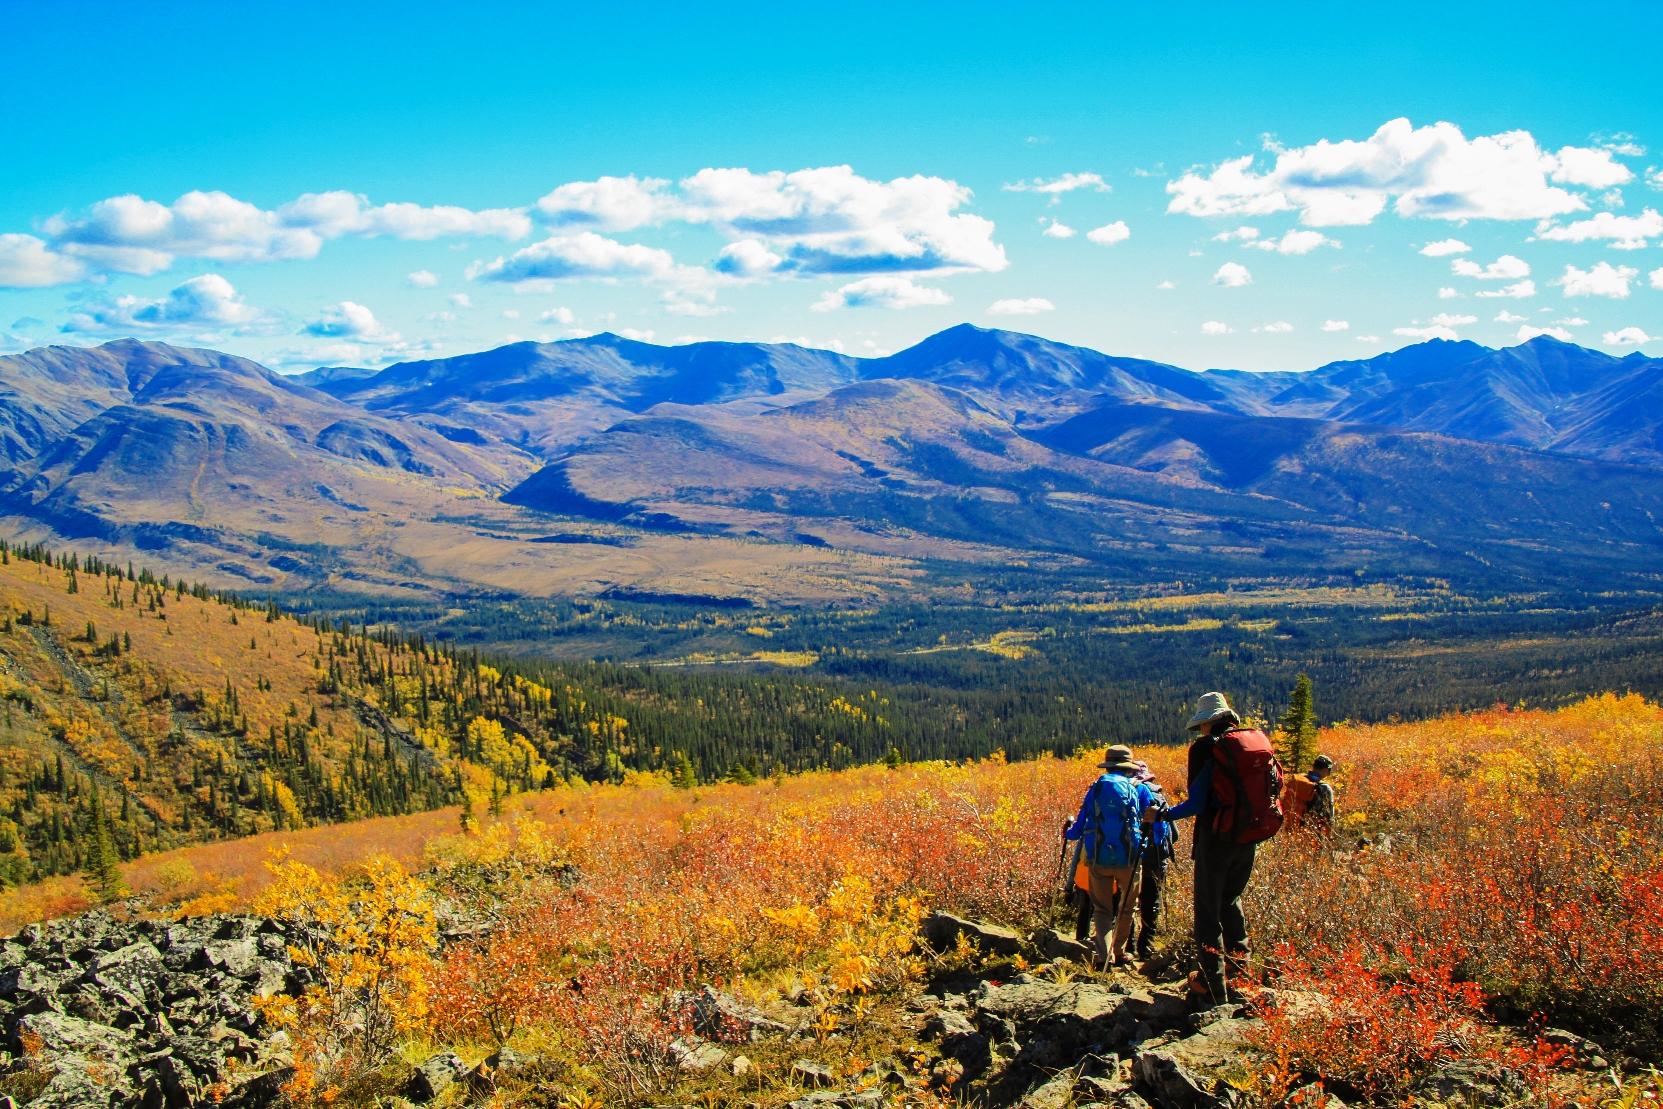 トゥームストーン準州立公園では3日目と5日目に異なるハイキングコースにご案内